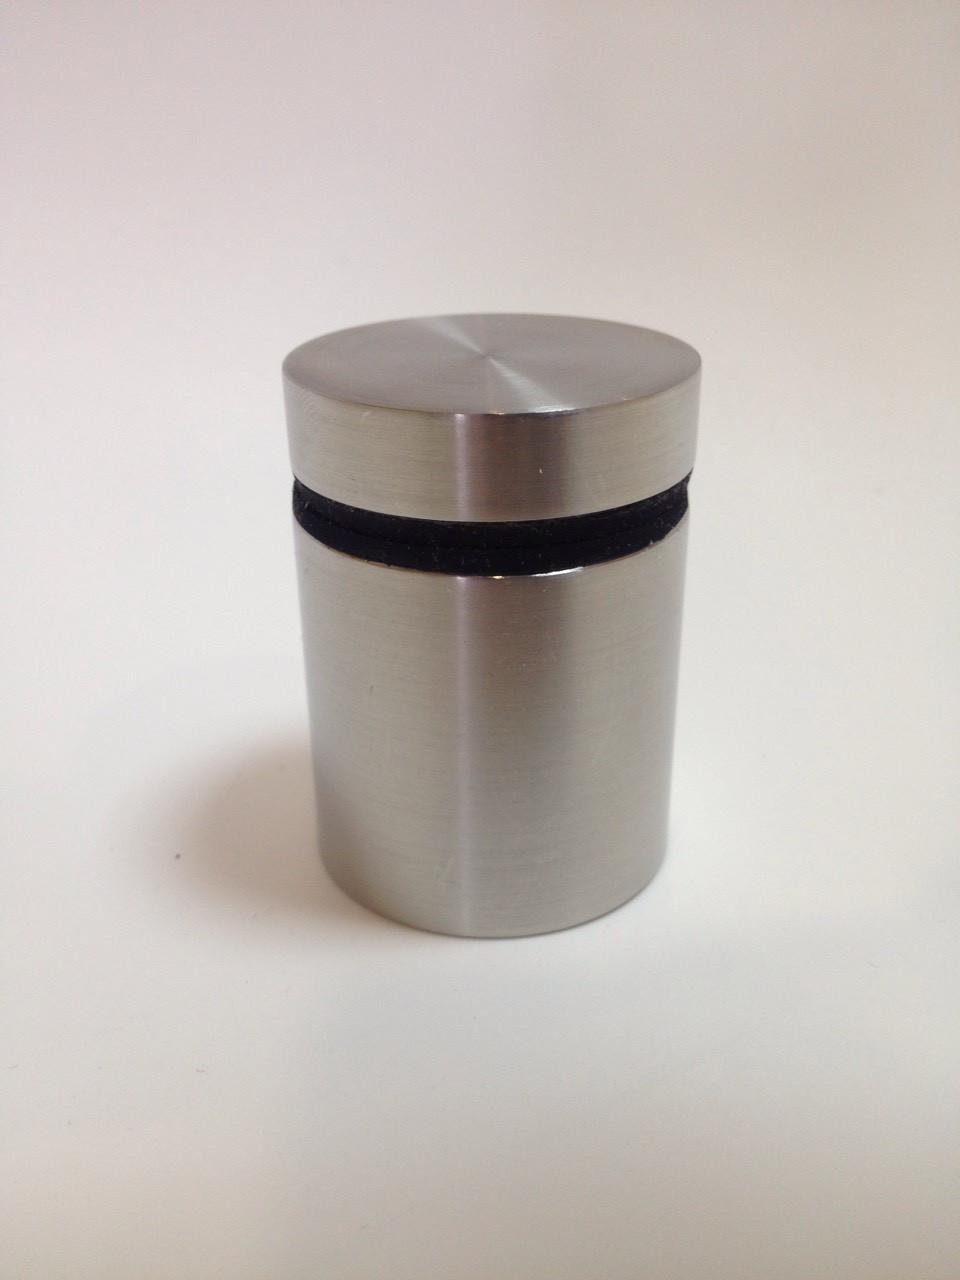 ODF-06-12-01-L40  Коннектор для стекла, диаметром 40 мм под резьбу М10